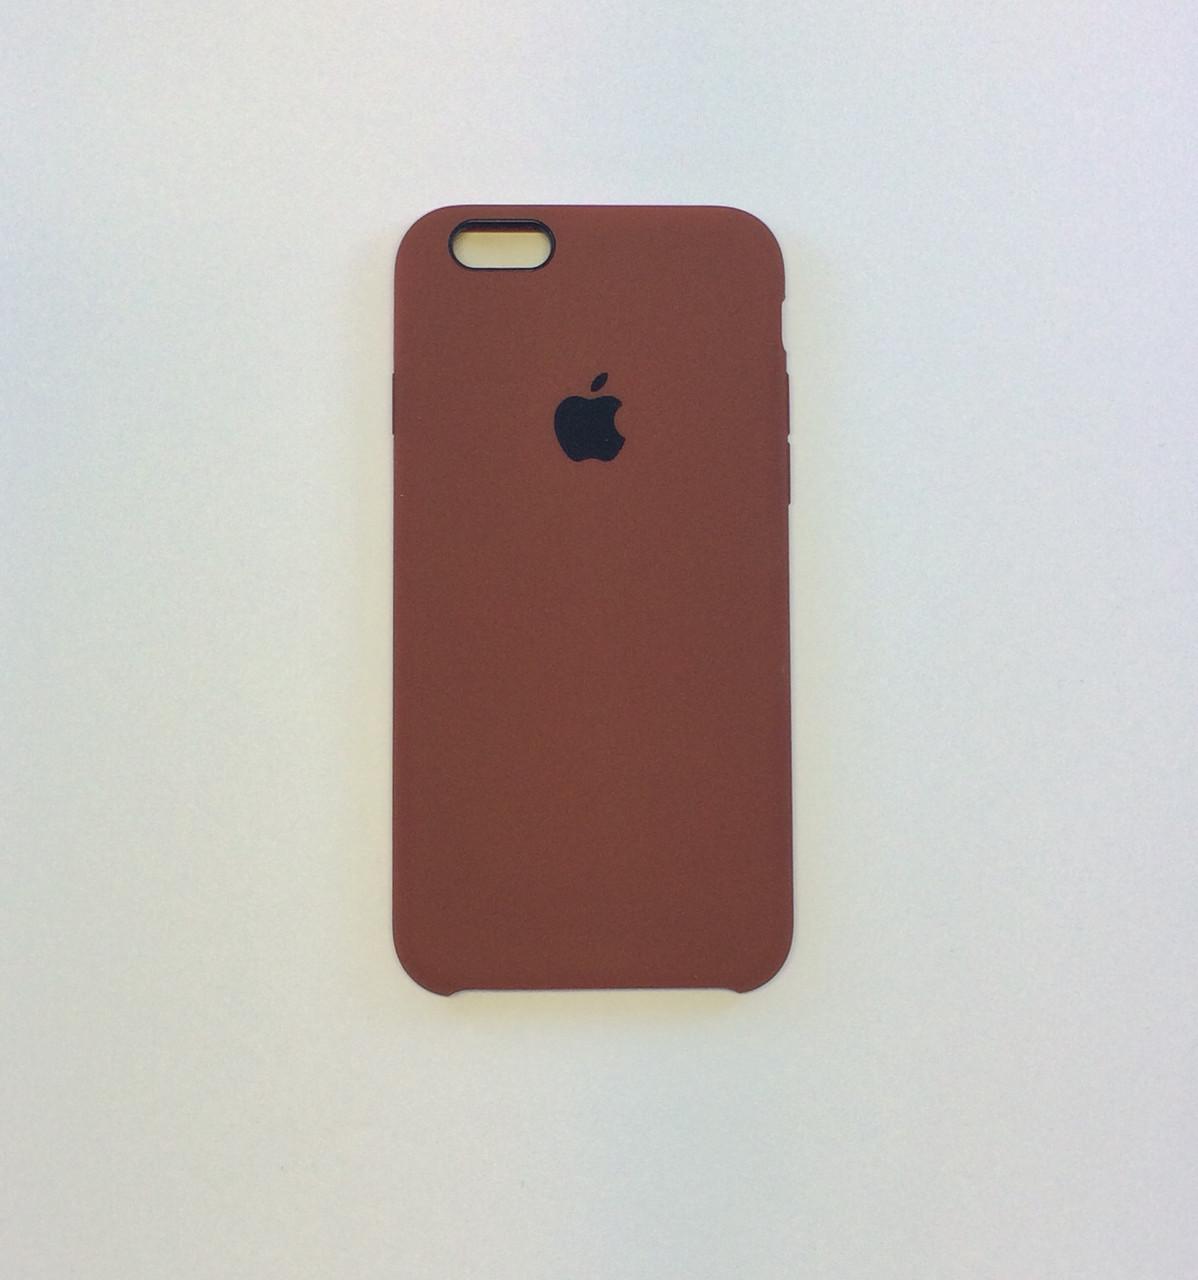 Силиконовый чехол iPhone 6/6s, шоколад, №47 - copy original